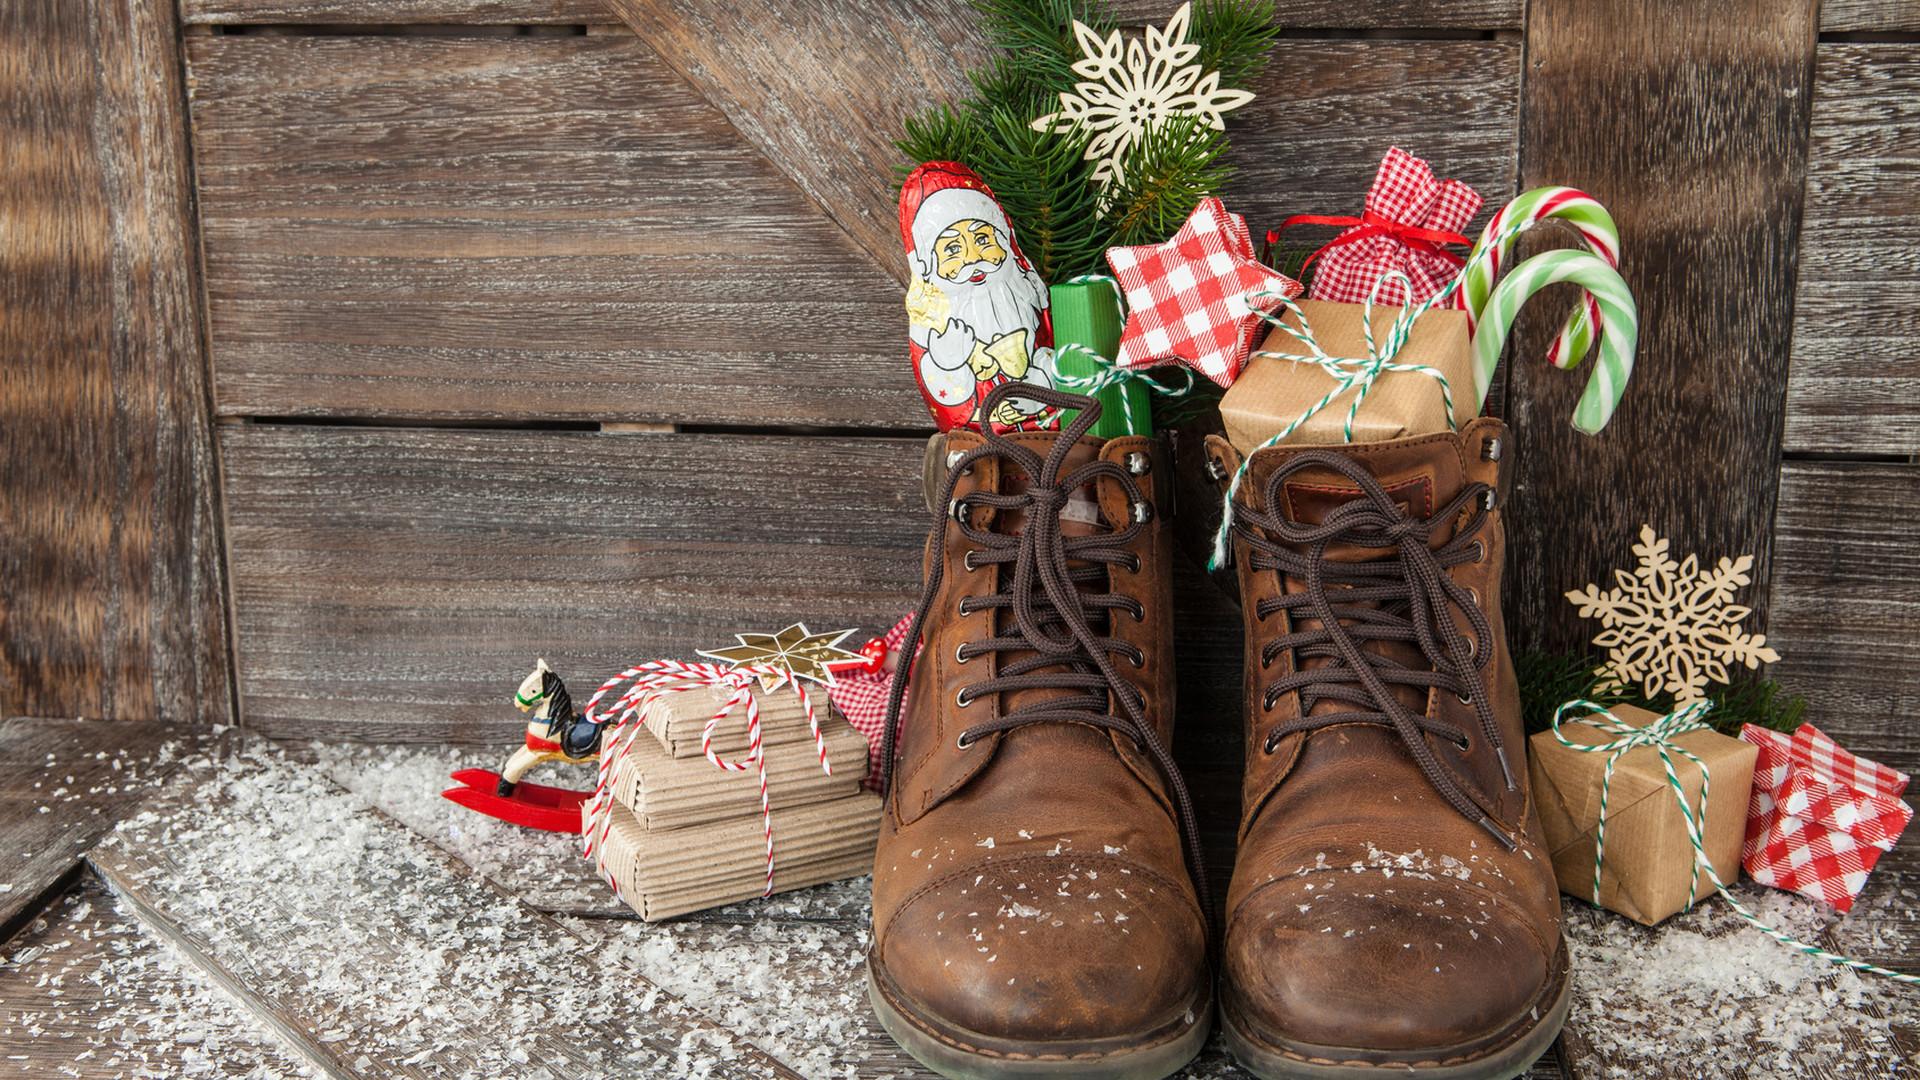 Einbrecher Klaut Geschenke Aus Nikolausstiefel